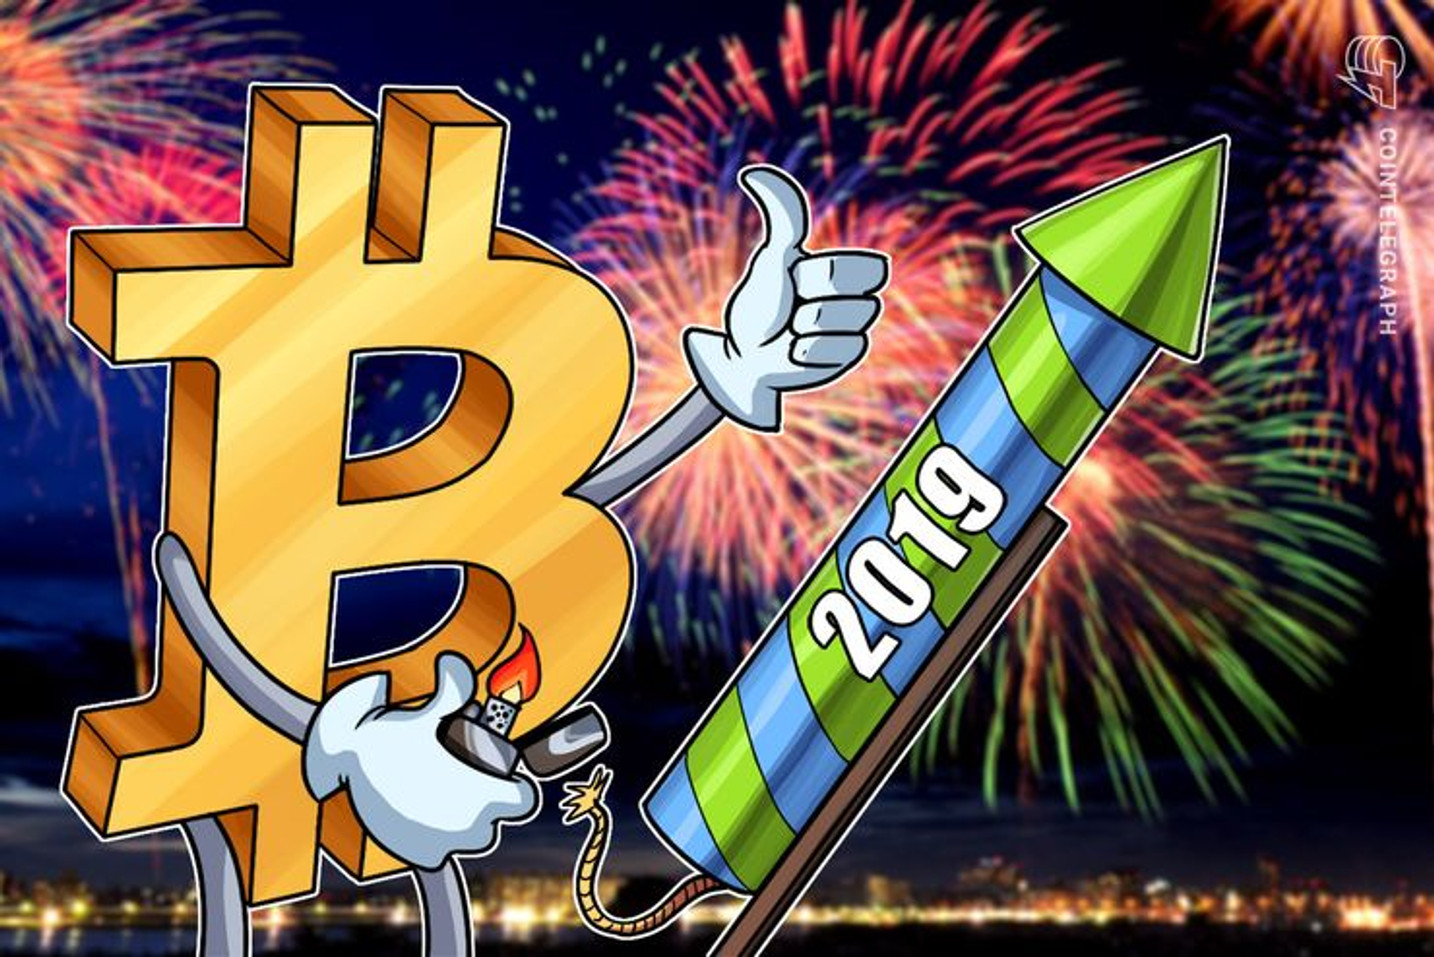 Evolución de Bitcoin 2019: Cómo se ha comportado el precio de Bitcoin durante el año